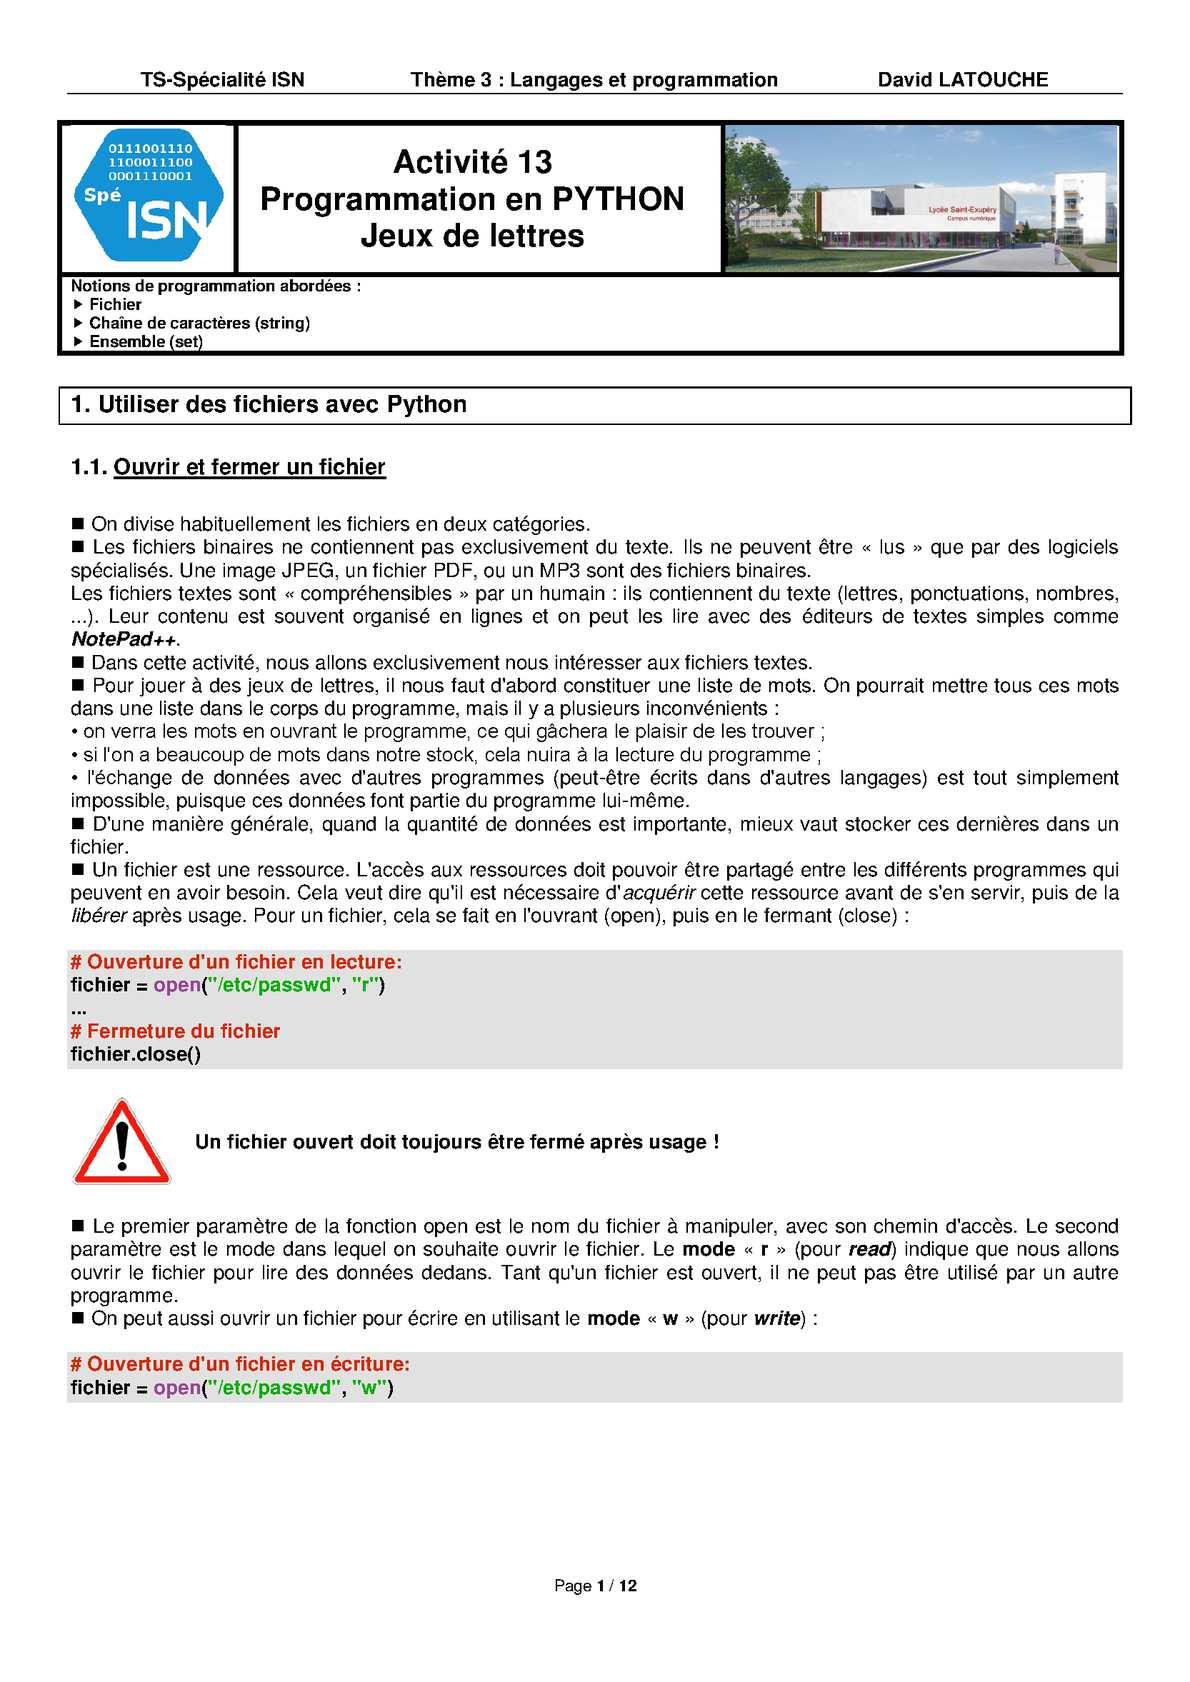 A13_ISN_Jeux_Lettres